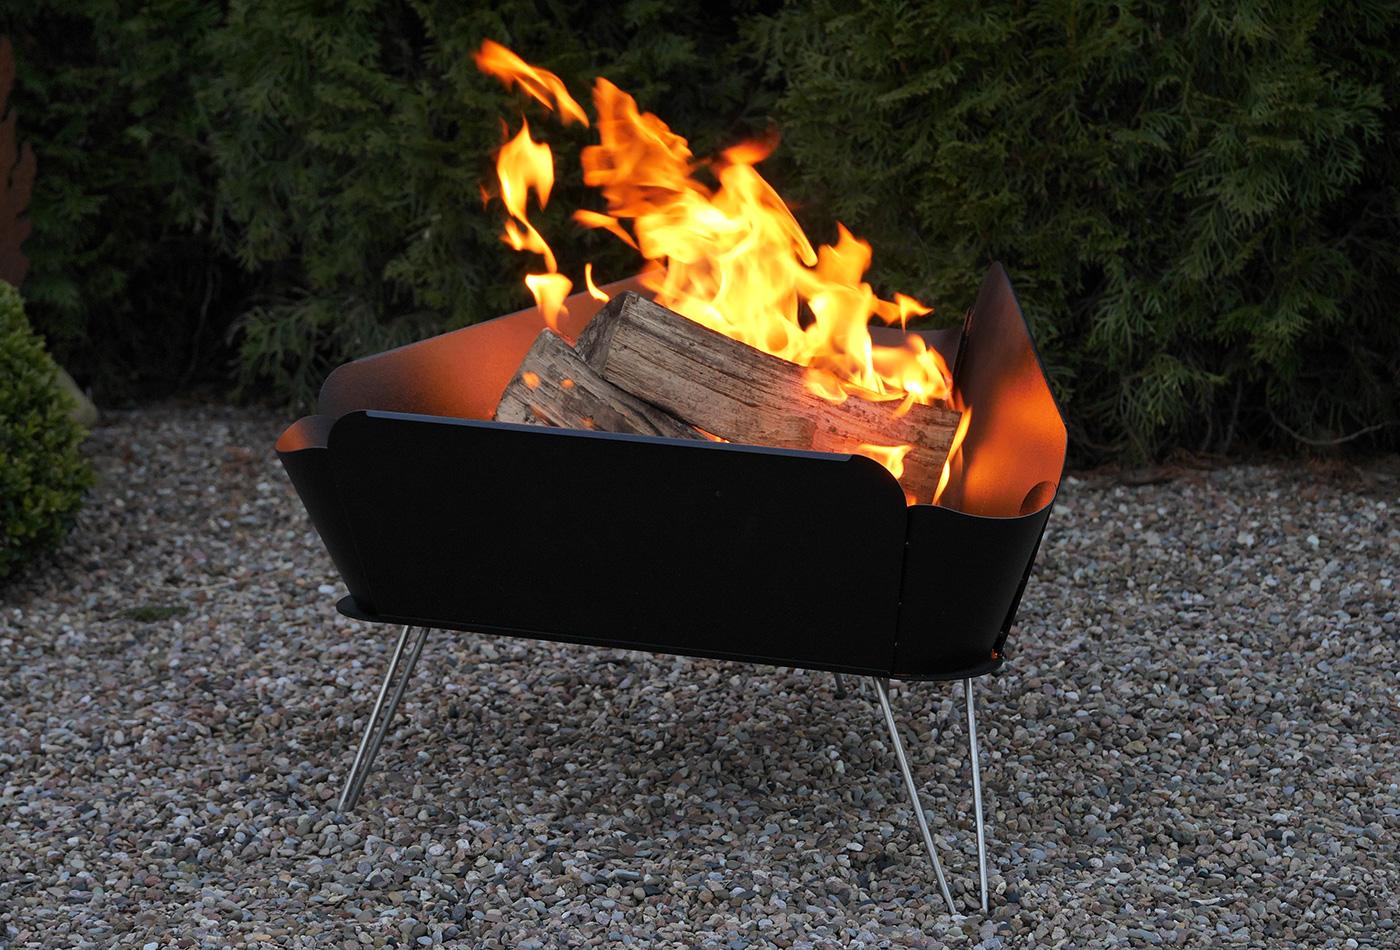 VASNER Merive M1 Feuerschale für die beste Sommerparty